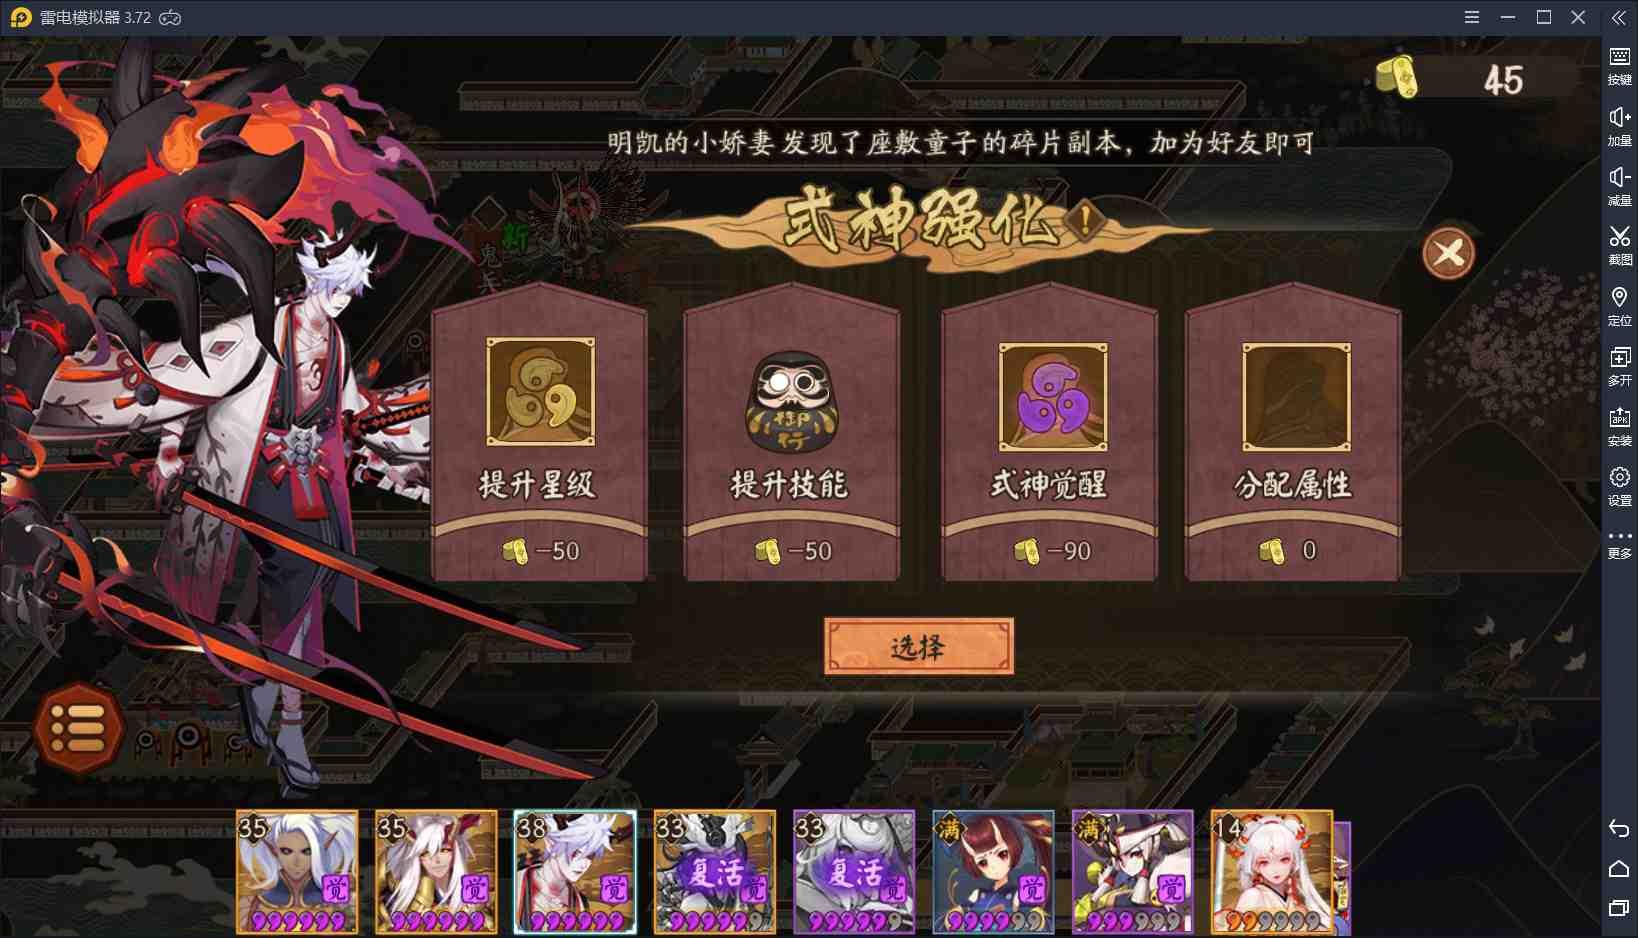 【陰陽師】平安奇譚大江山之戰篇上線,SP鬼切要來了嗎?